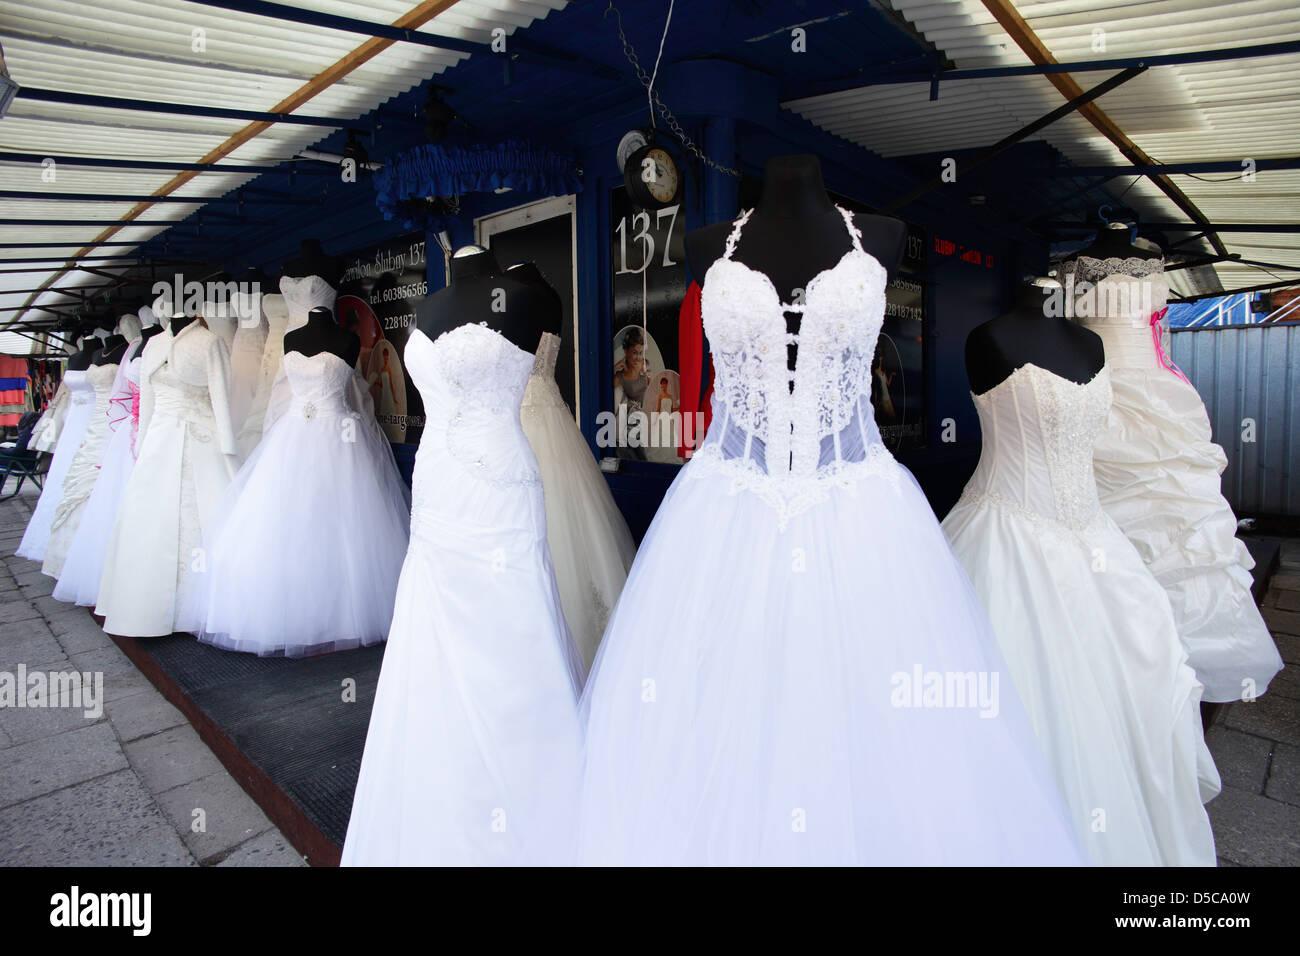 Warschau, Polen, wie der Markt für Hochzeitskleider auf dem Basar